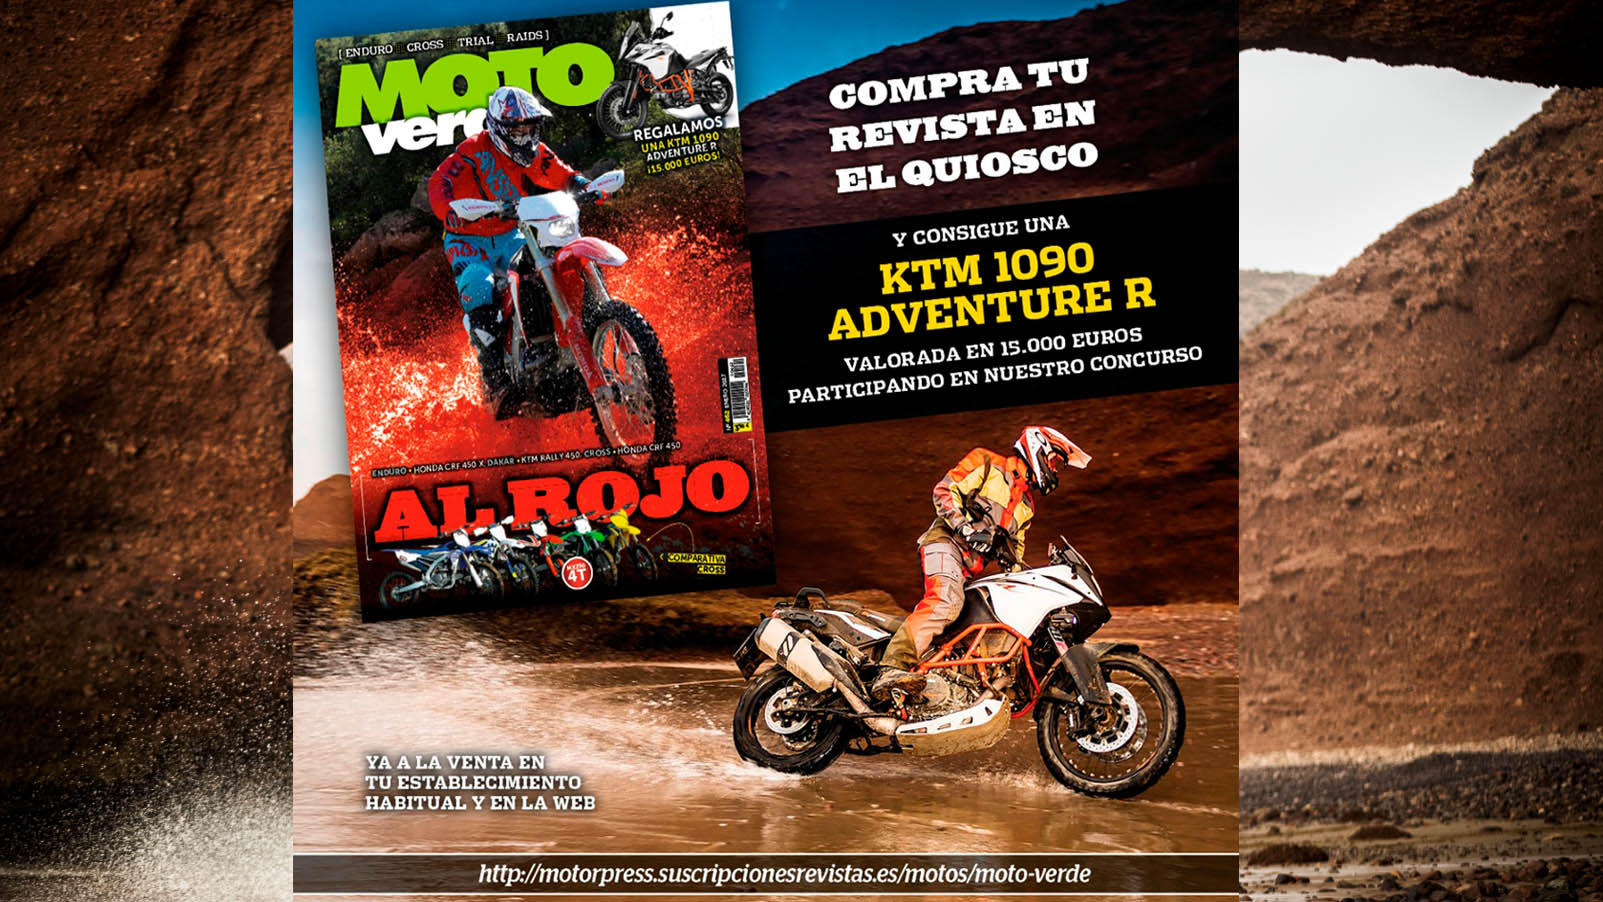 ¿Quieres ganar una KTM 1090 Adventure R, valorada en 15.000 €?